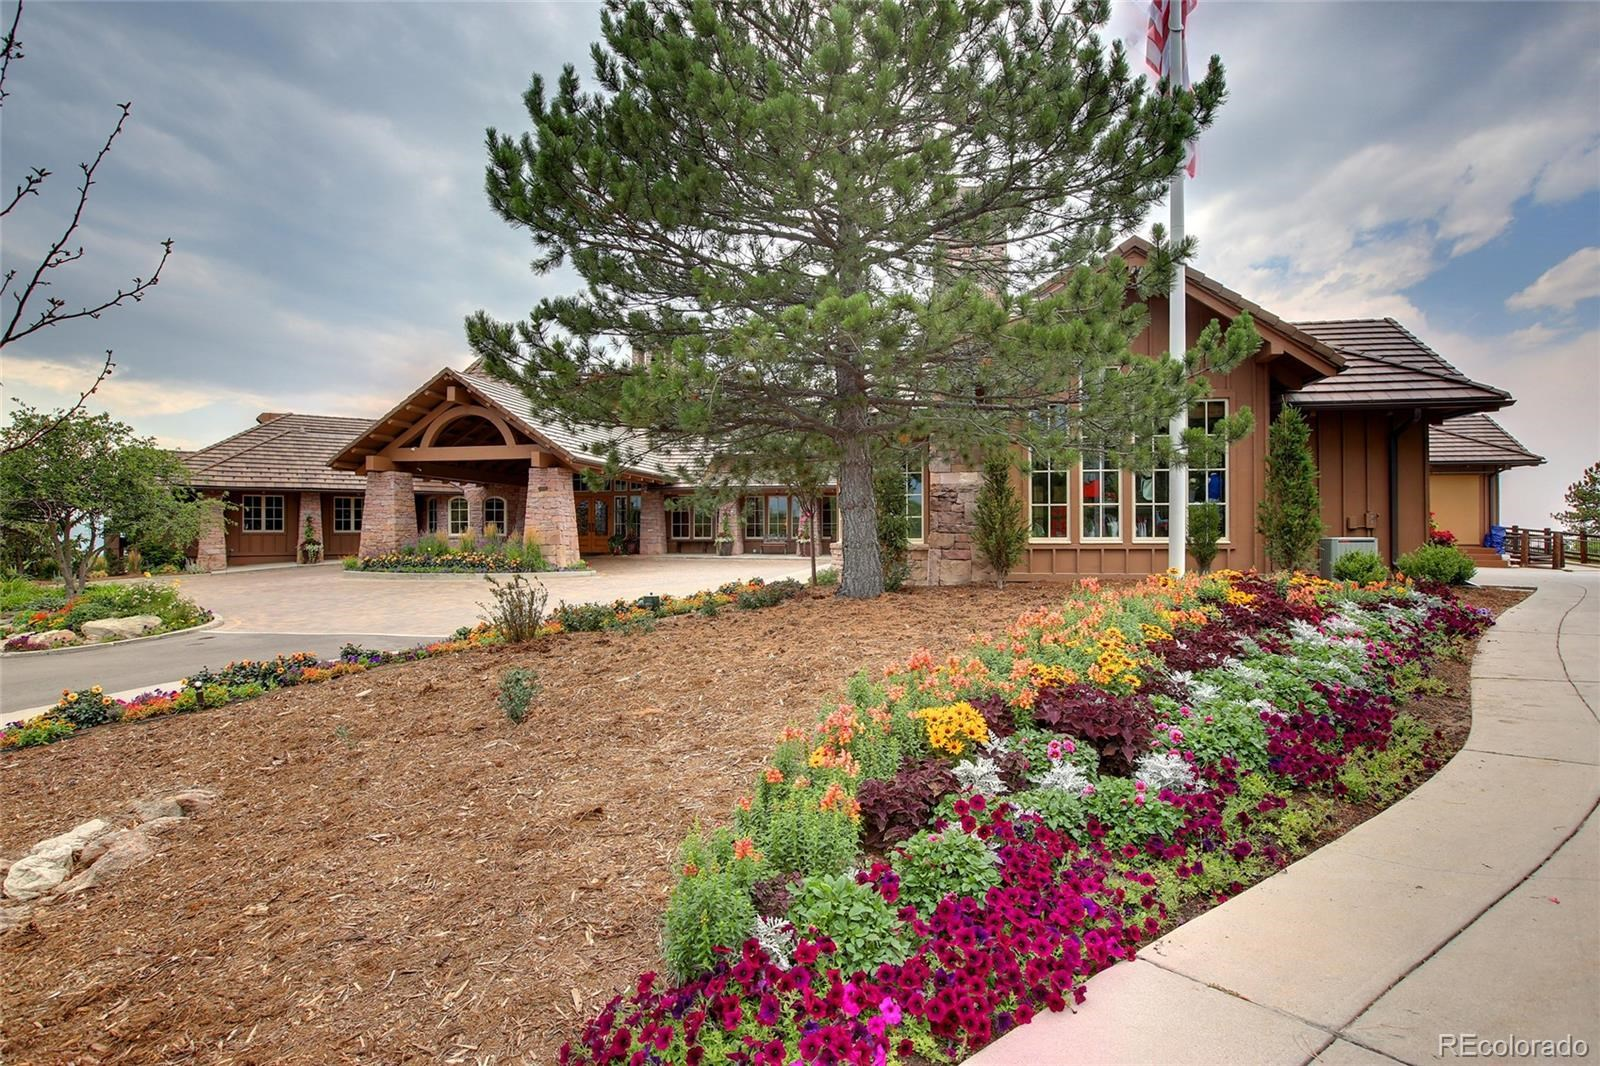 MLS# 3450406 - 22 - 6713 Handies Peak Court, Castle Rock, CO 80108